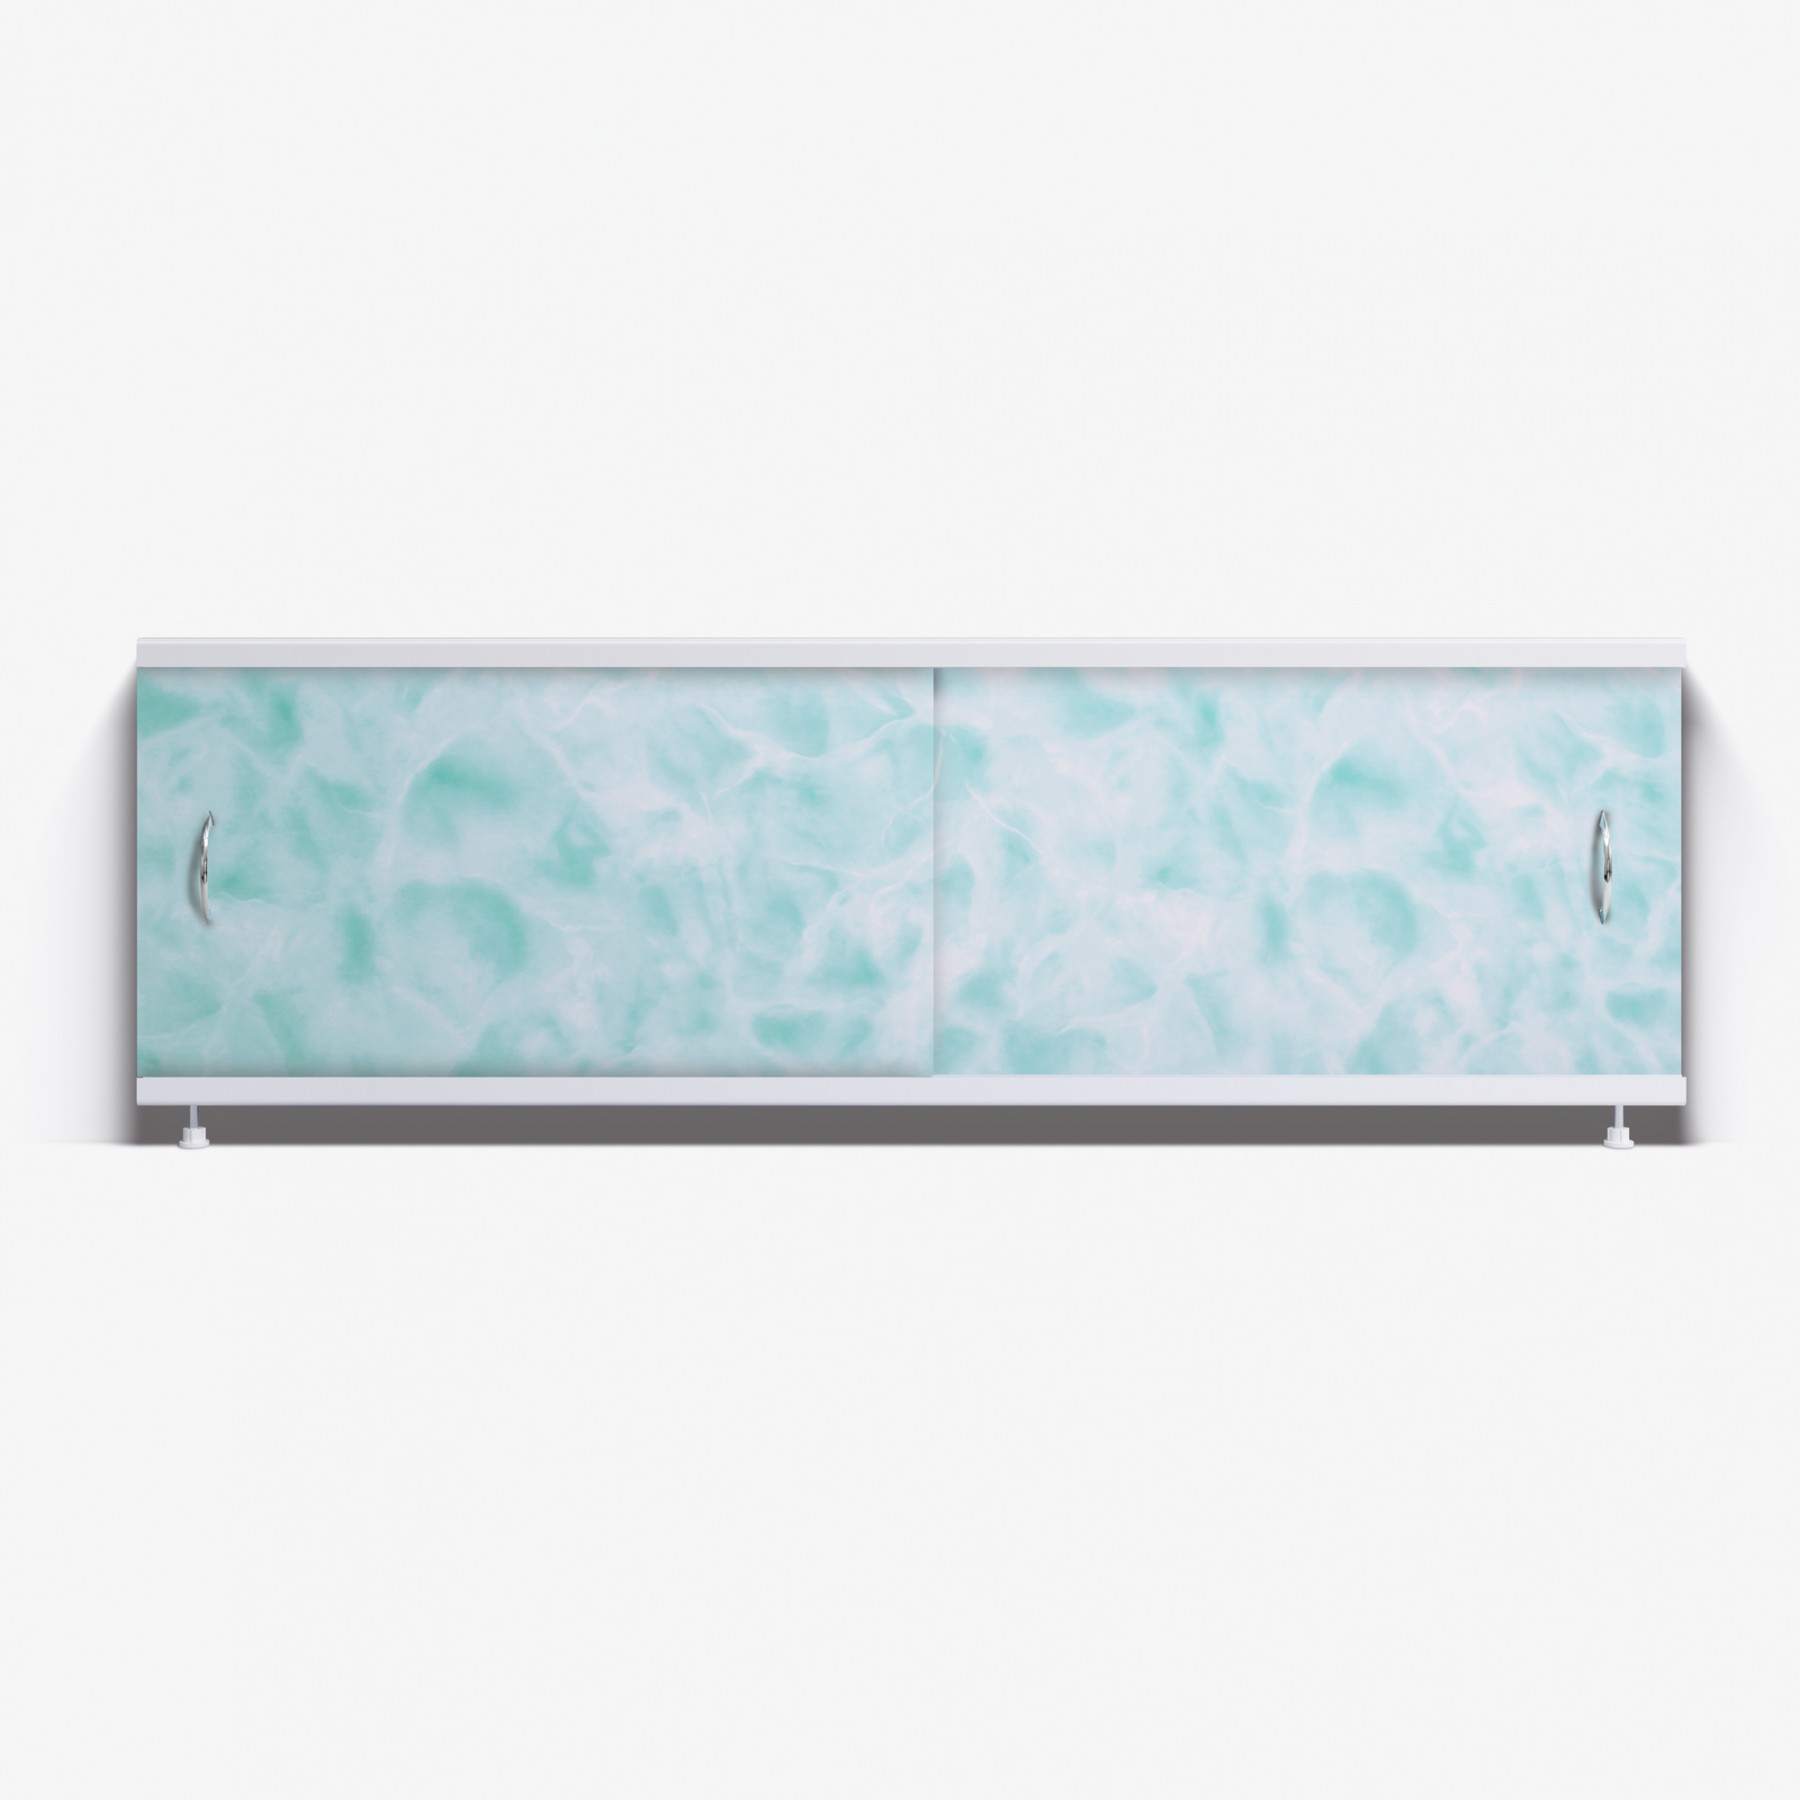 Экран под ванну Классик 150 салатовый мрамор